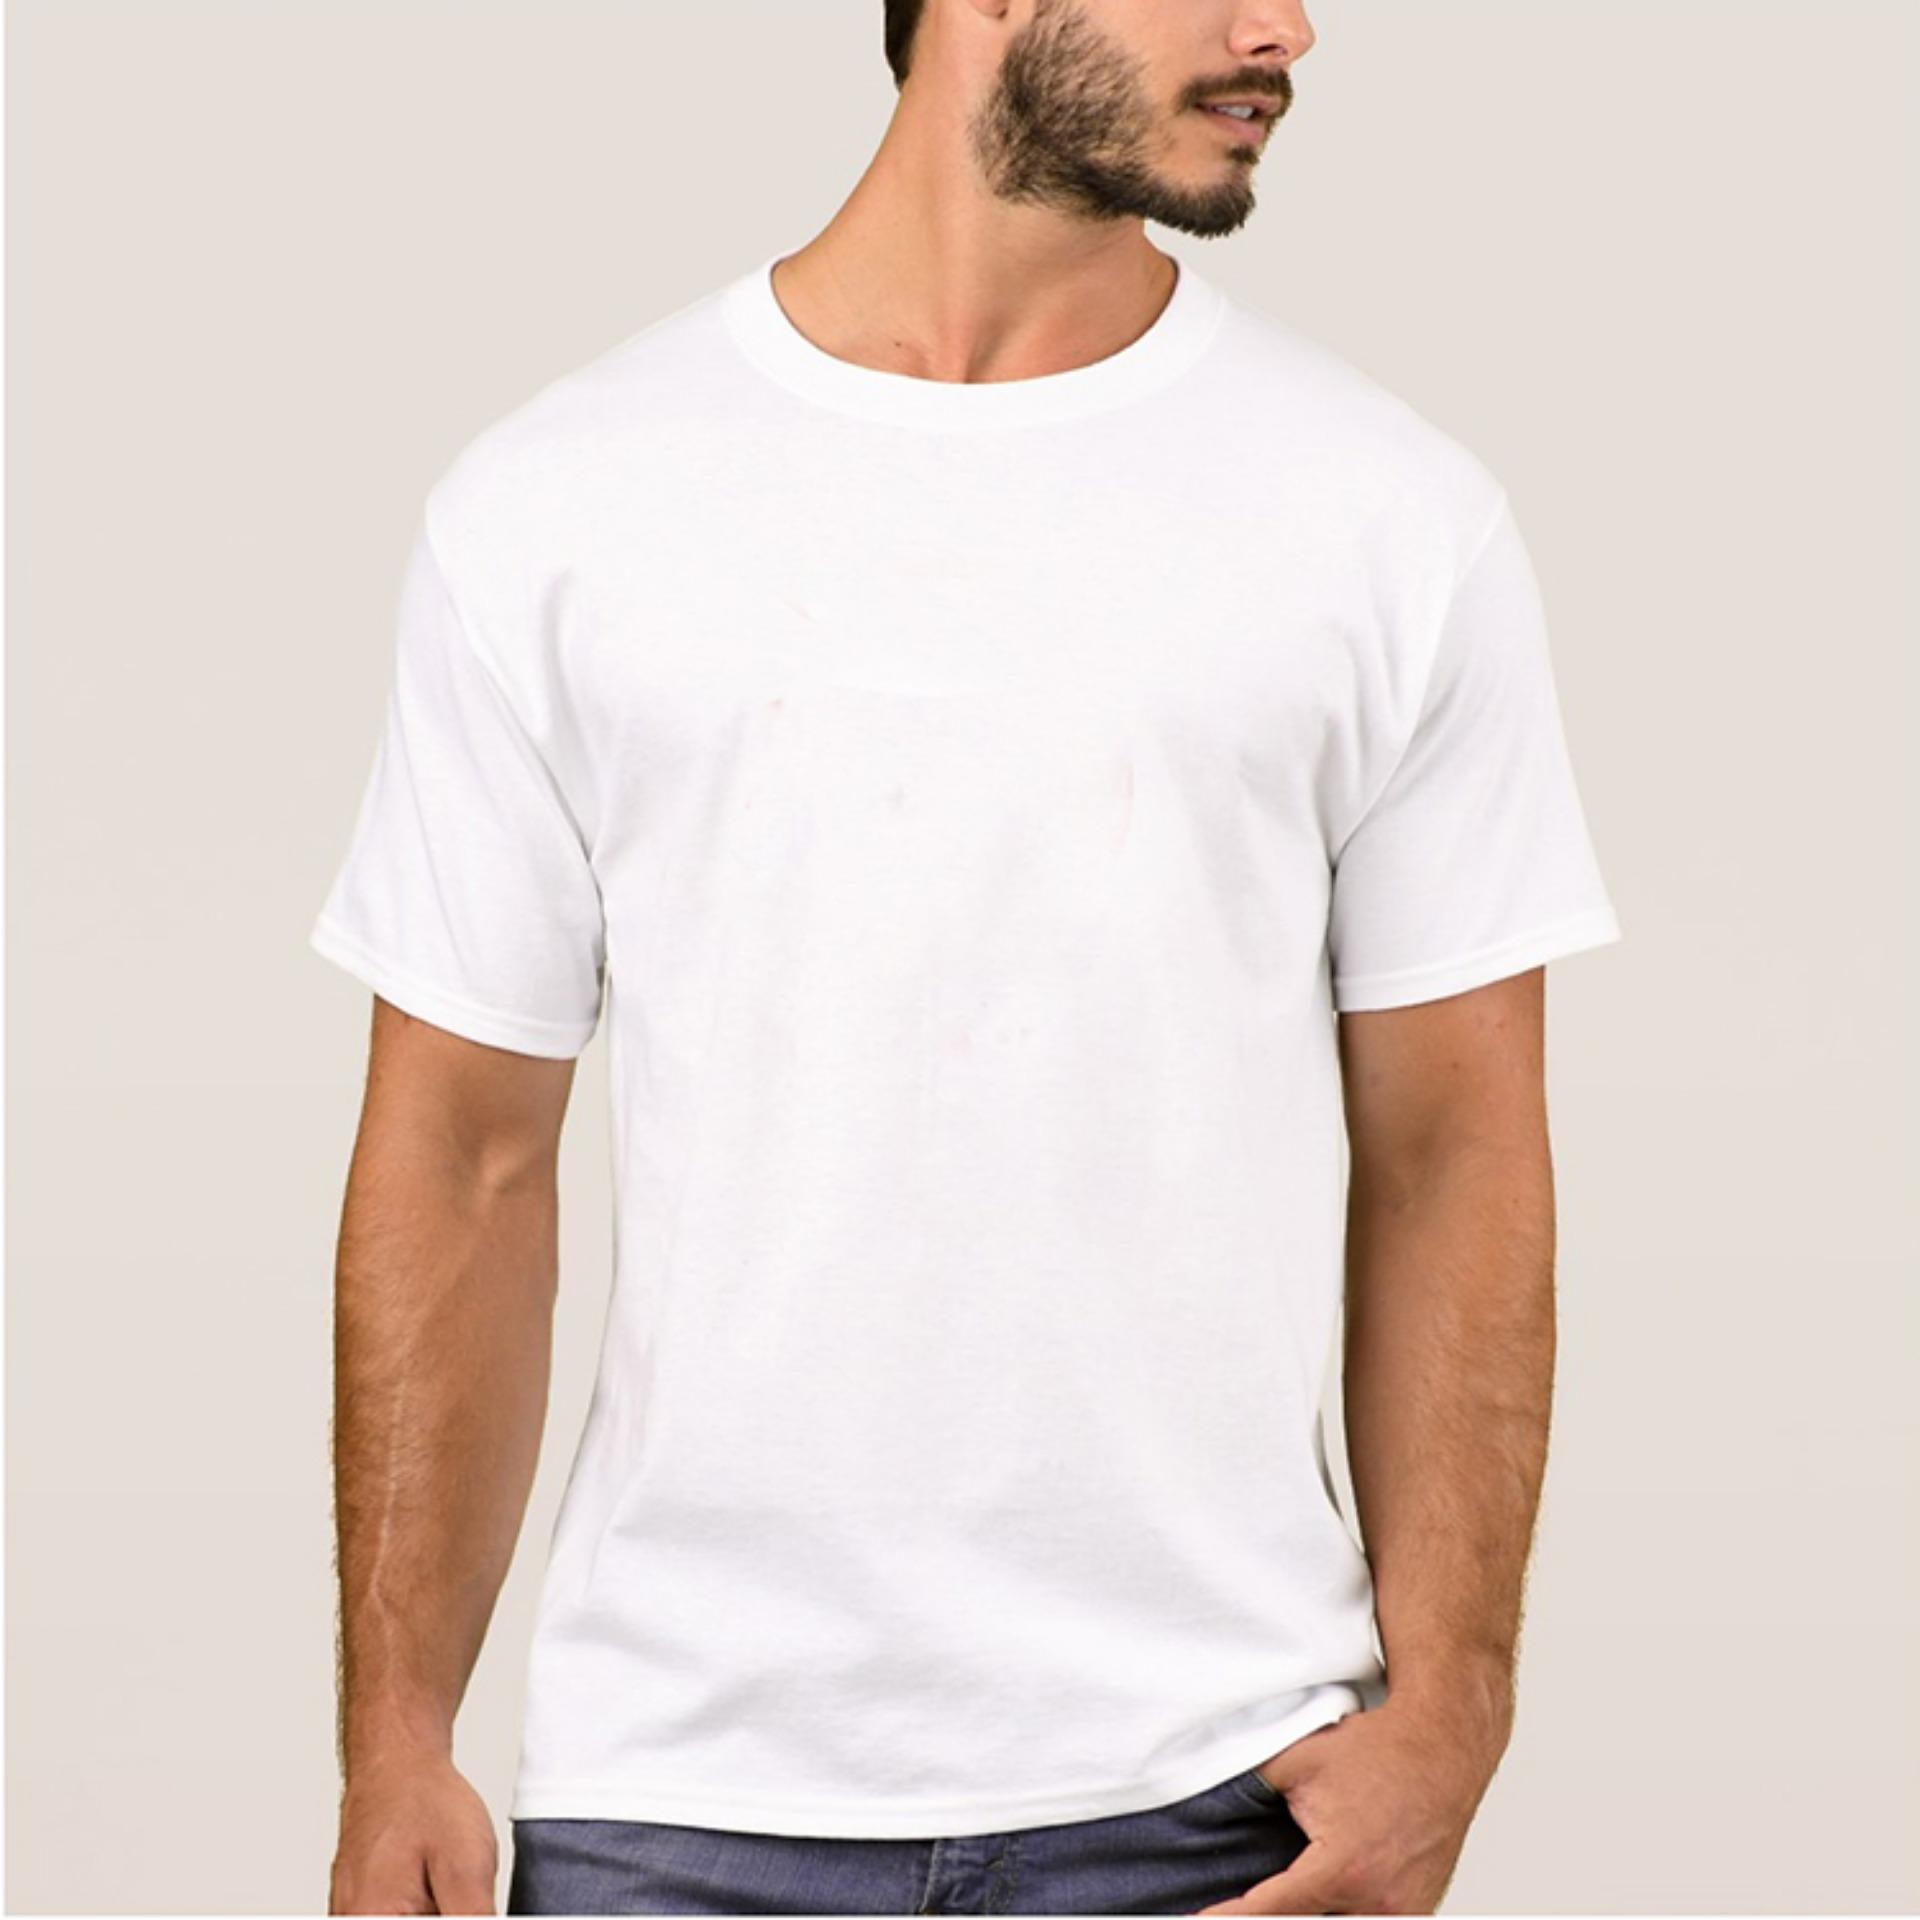 Kaosbro Kaos T Shirt O Neck Lengan Pendek Hijau Spec Dan Daftar Ferrox Unisex All Size Putih